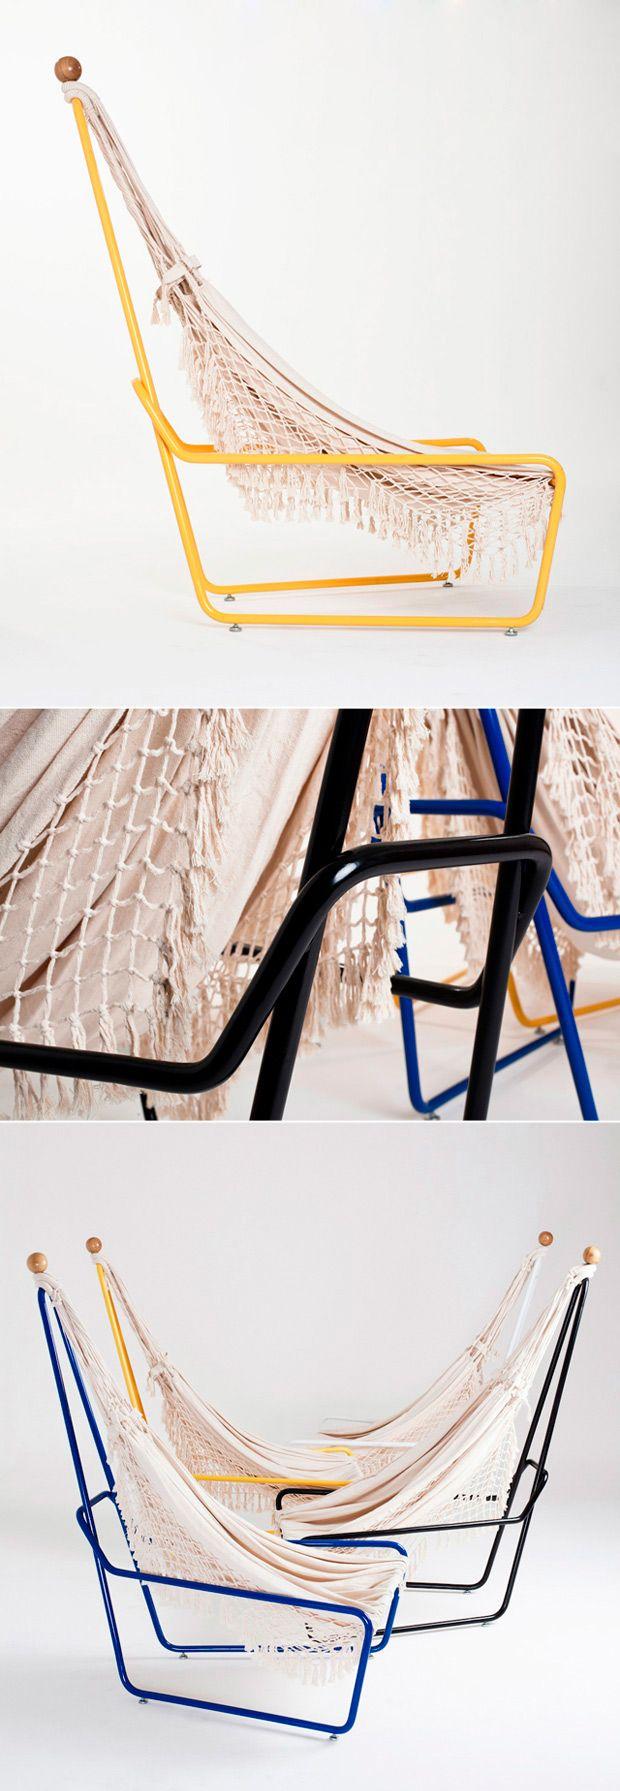 brazilian design #decor #brasil